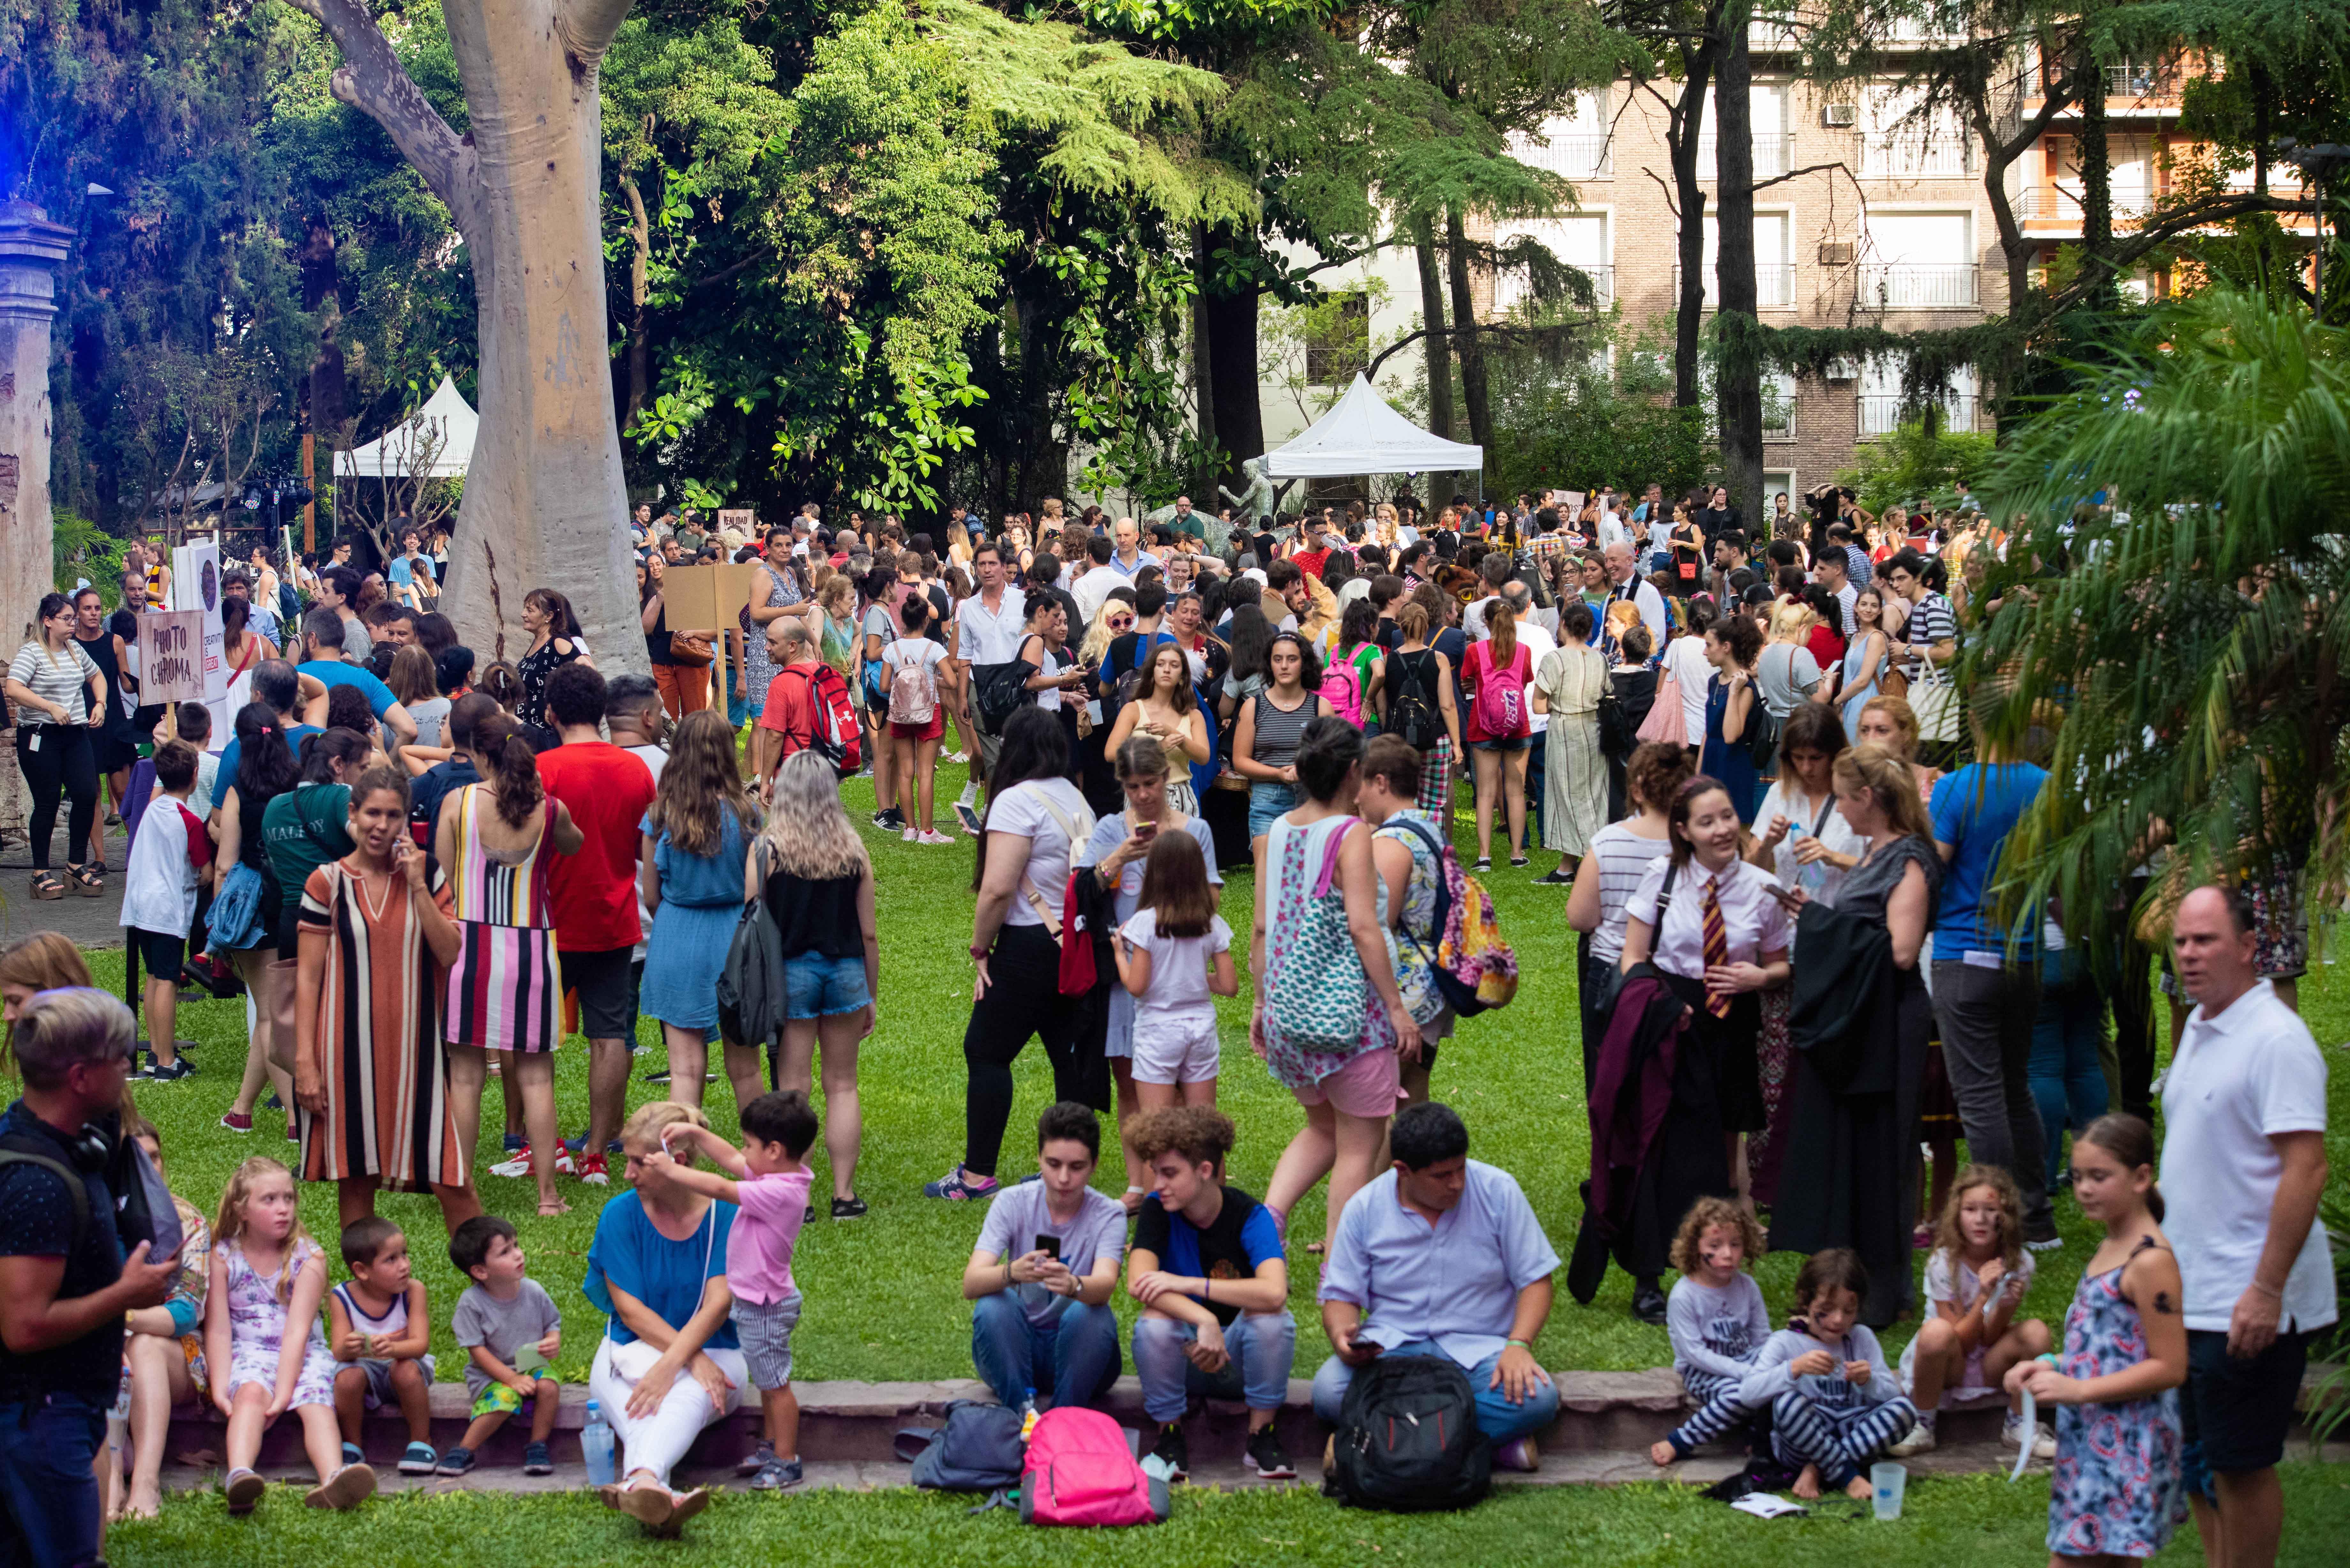 Los jardines de la residencia del embajador británico se convirtieron en Hogwarts por unas horas